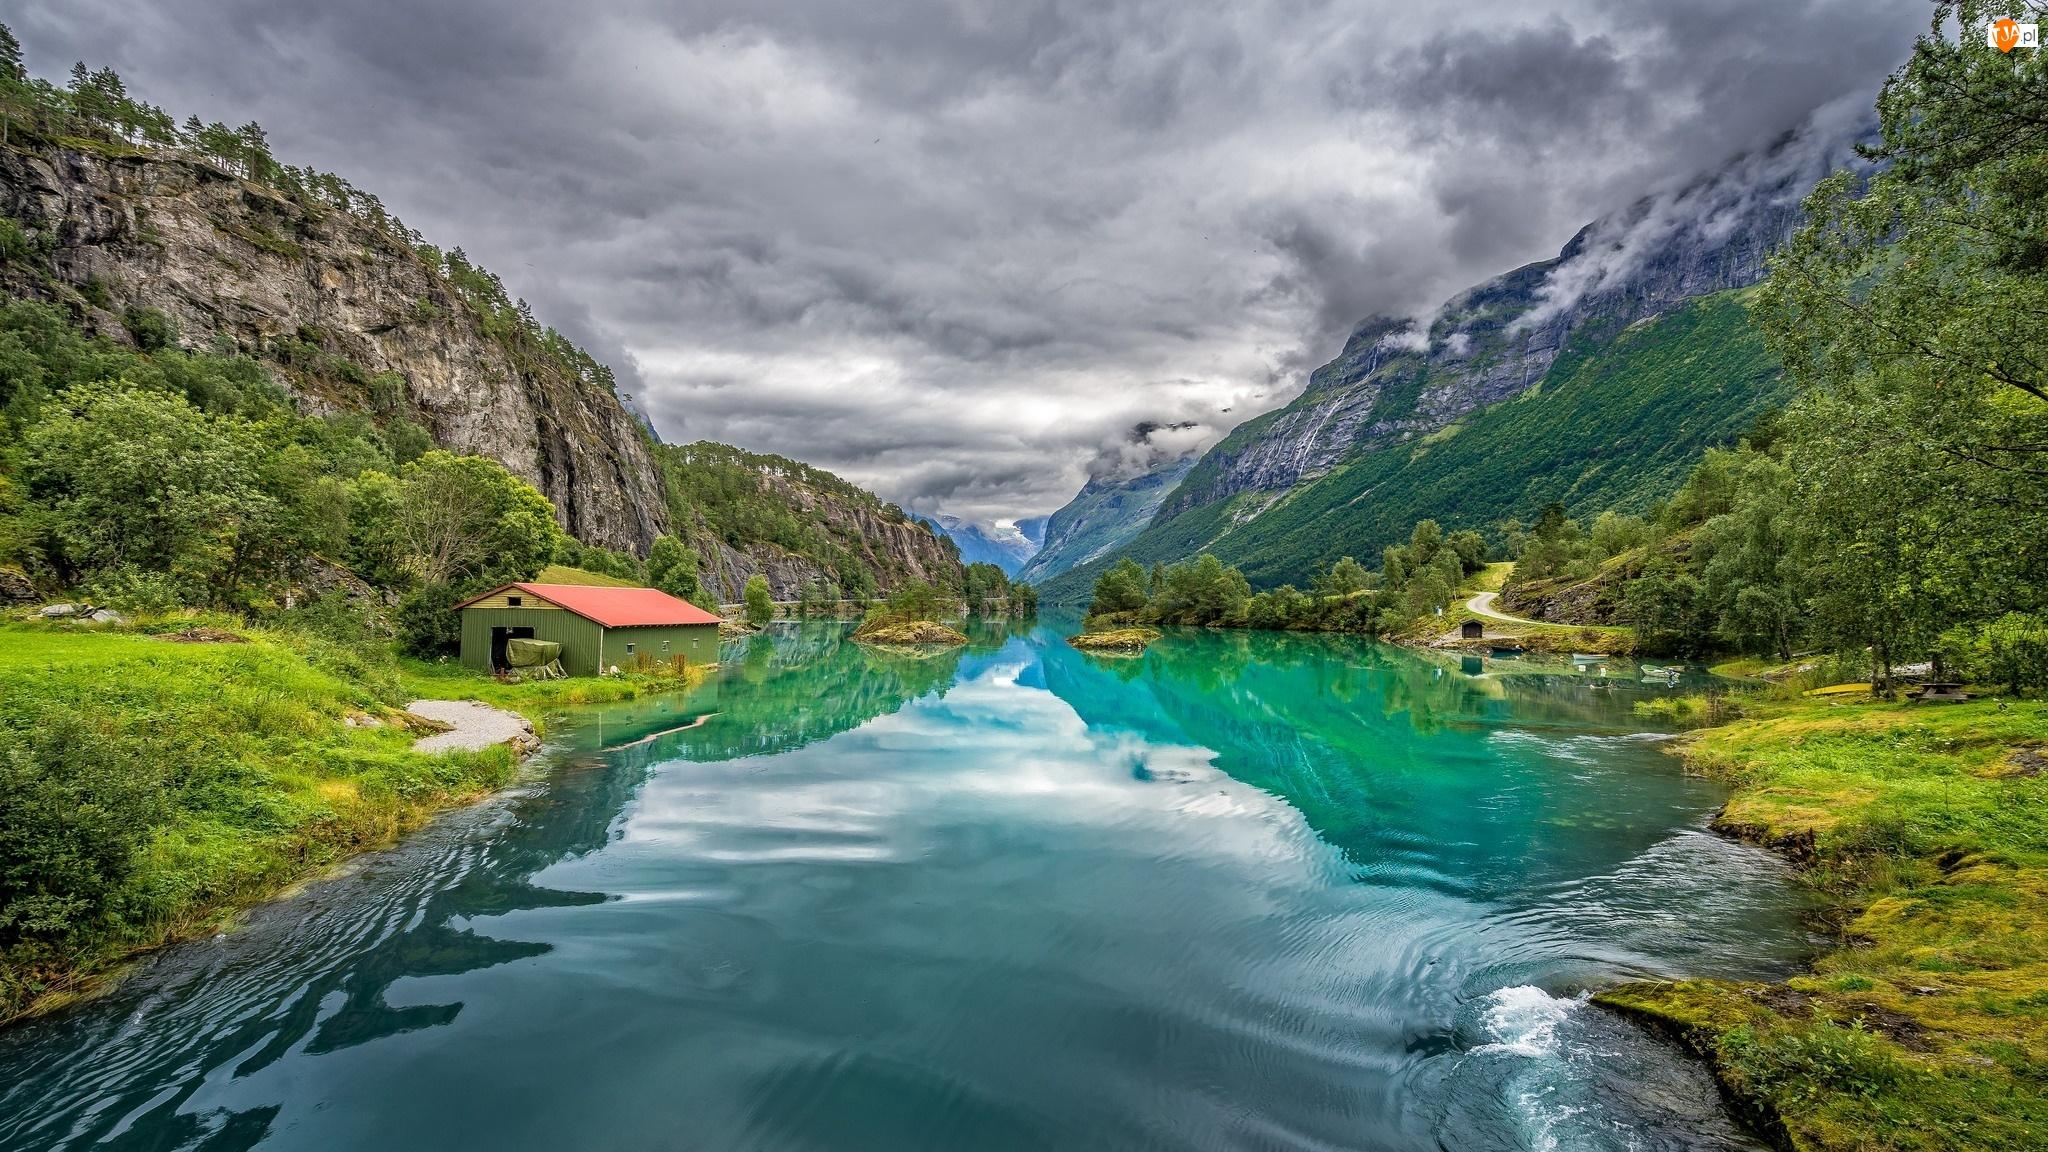 Rzeka, Drzewa, Norwegia, Dom, Wieś Loen, Góry